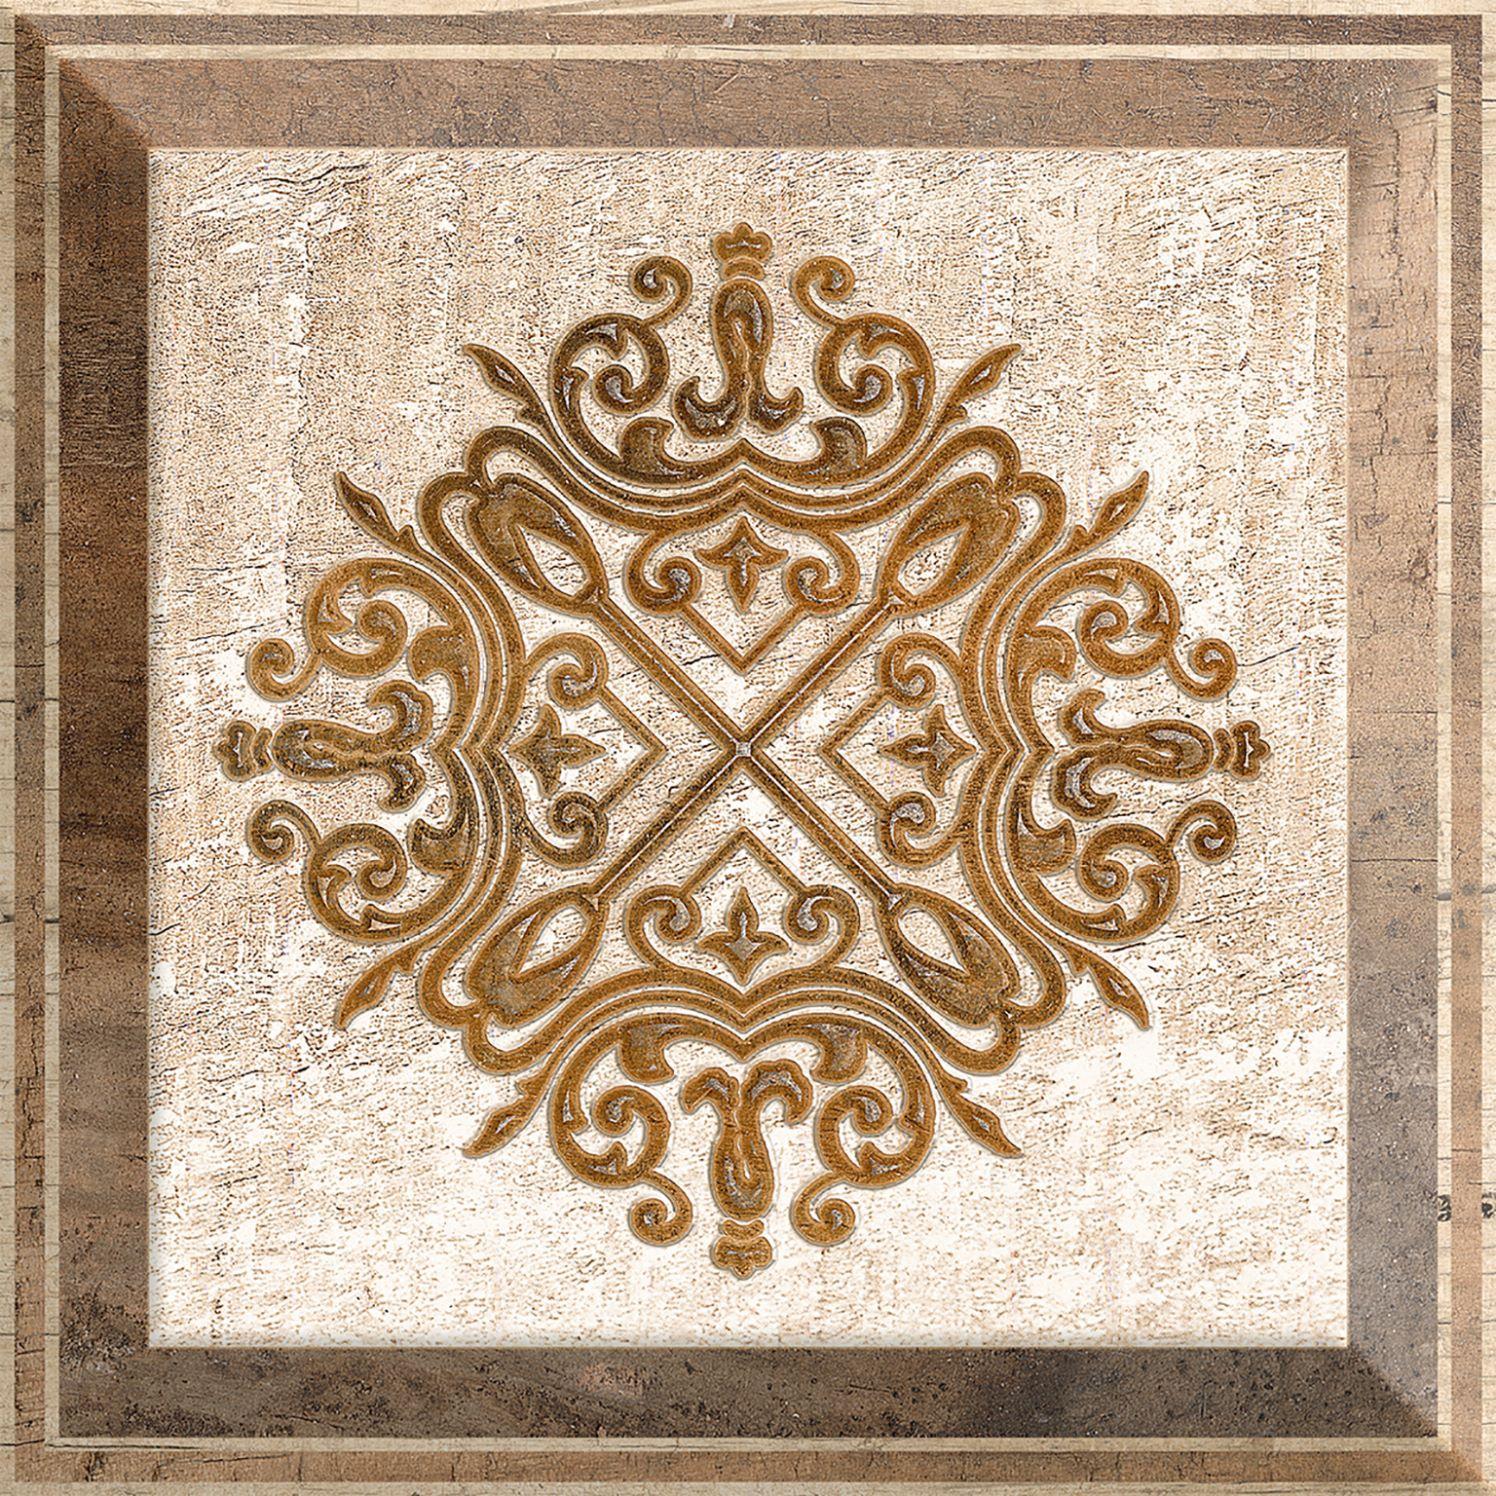 Купить Керамический плитка Absolut Keramika Decor Newcastle Brown декор 10х10, Испания